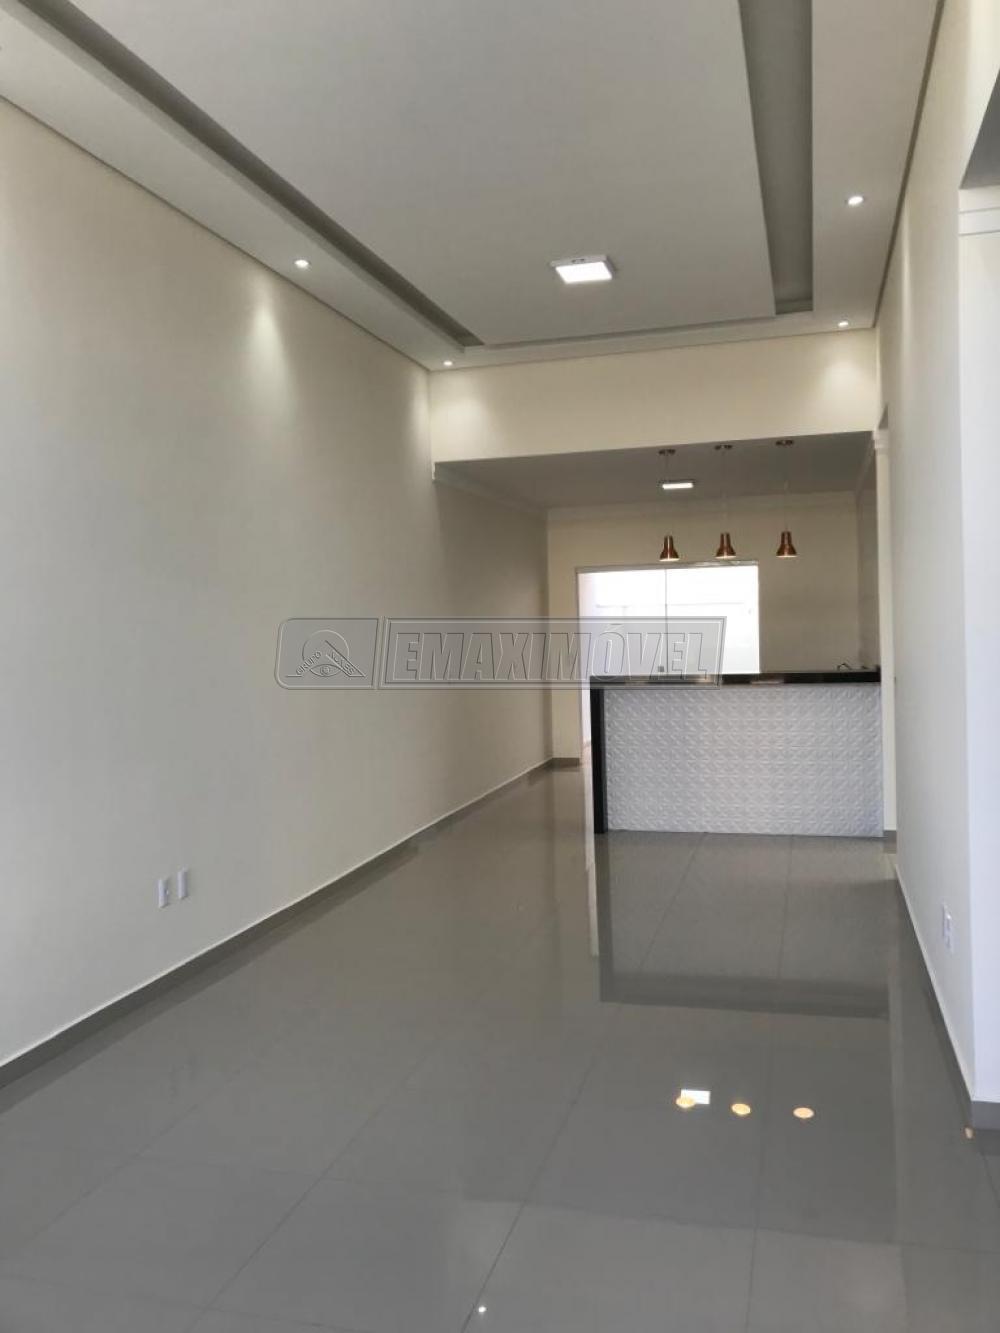 Comprar Casas / em Condomínios em Sorocaba apenas R$ 370.000,00 - Foto 4